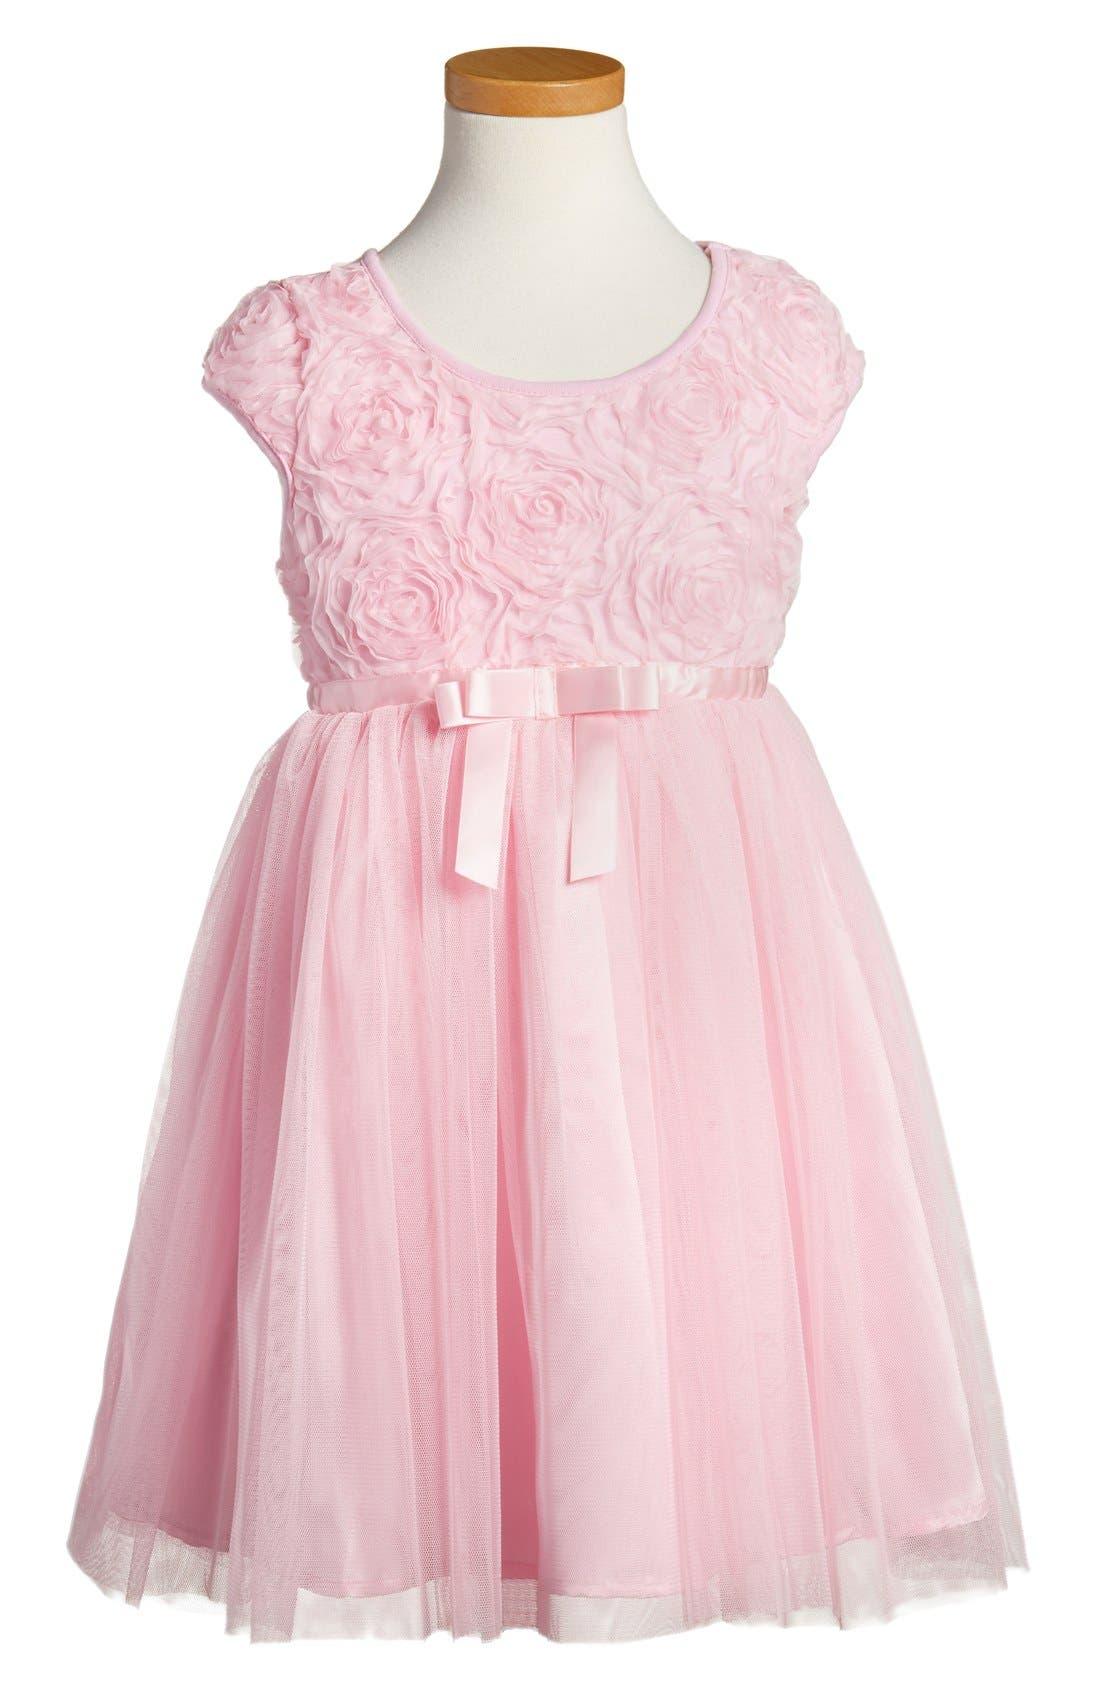 POPATU, Ribbon Rosette Tulle Dress, Main thumbnail 1, color, PINK